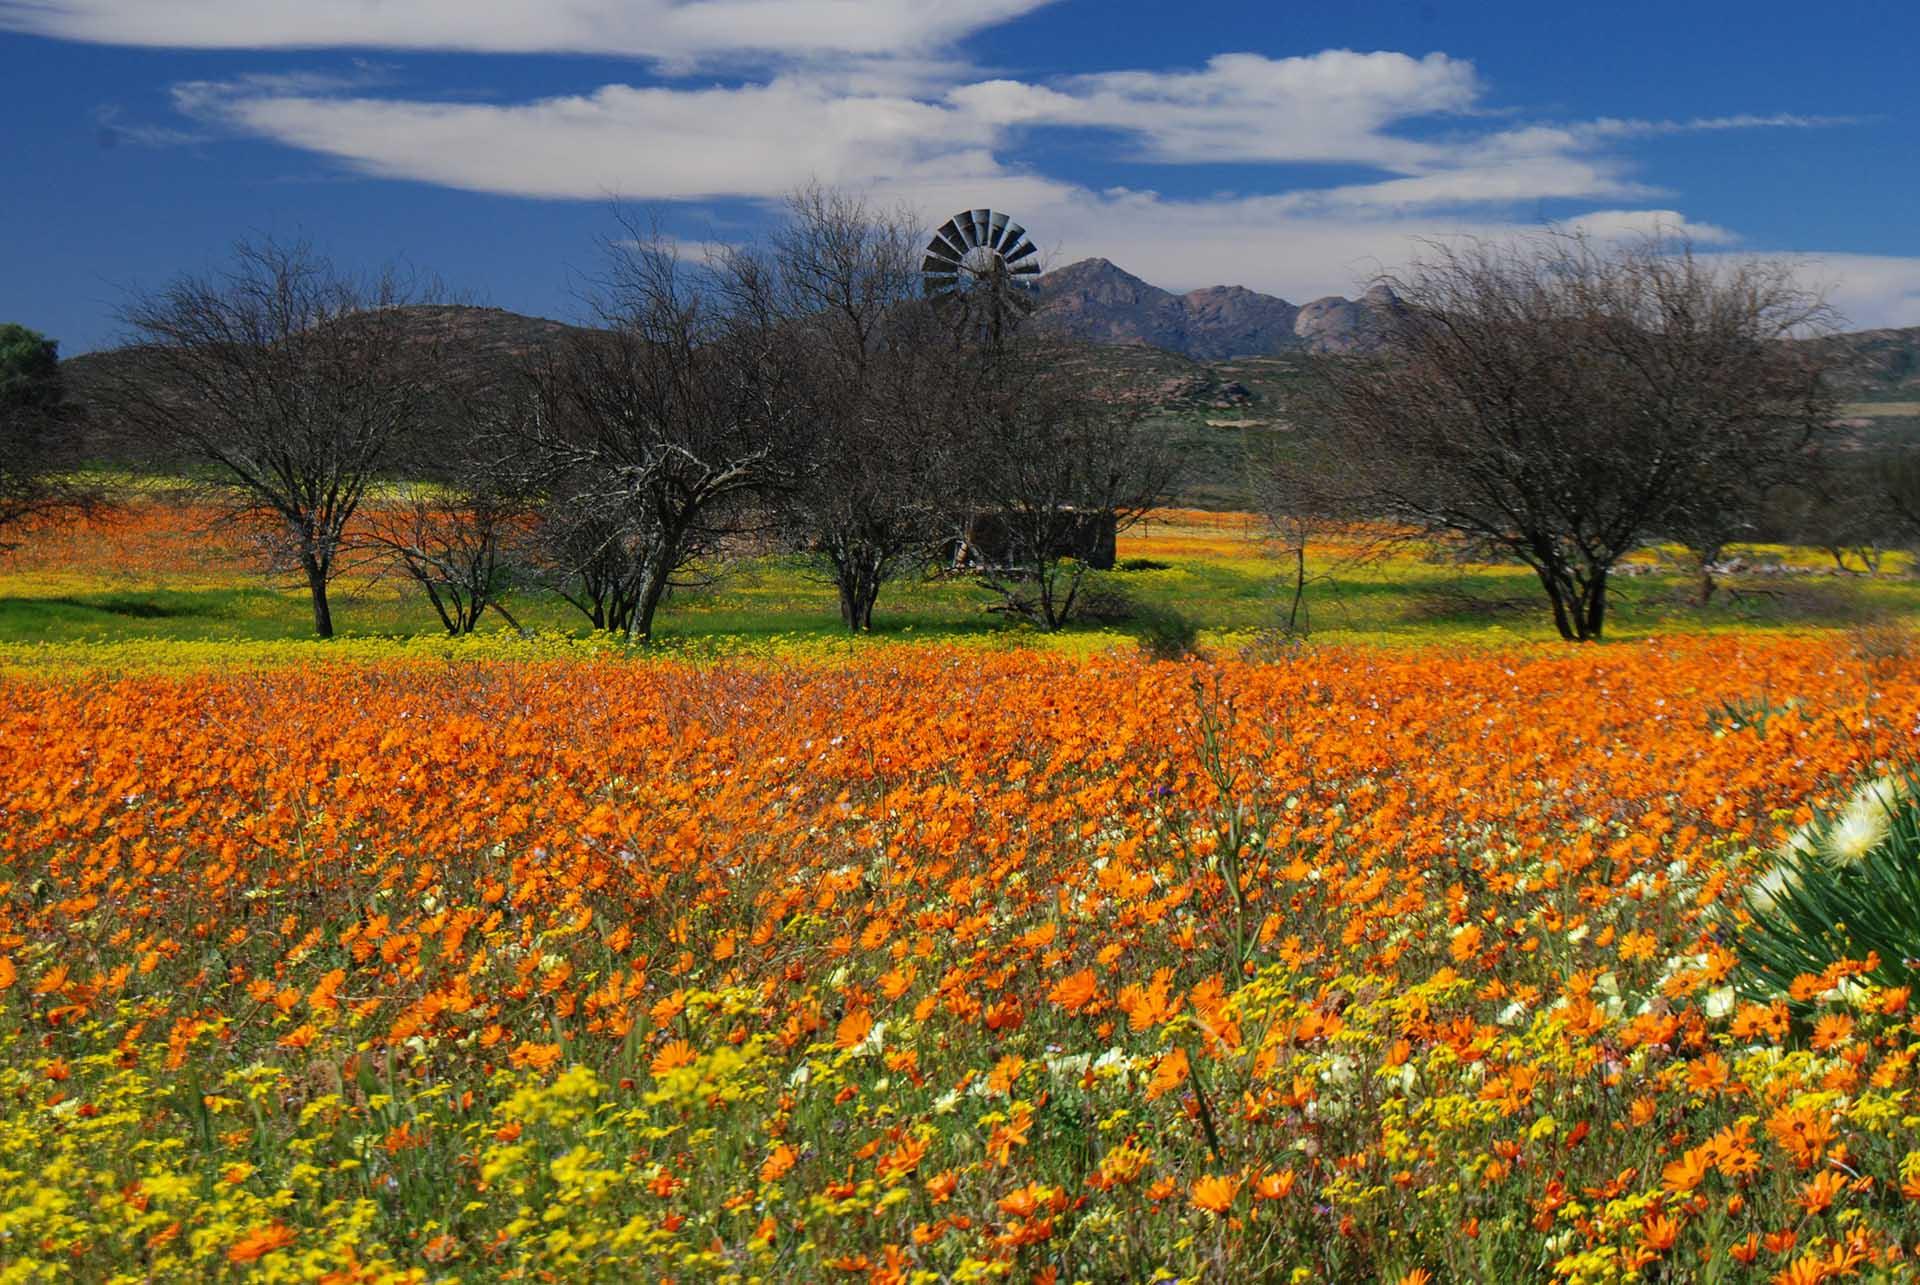 Flowersamaqualand